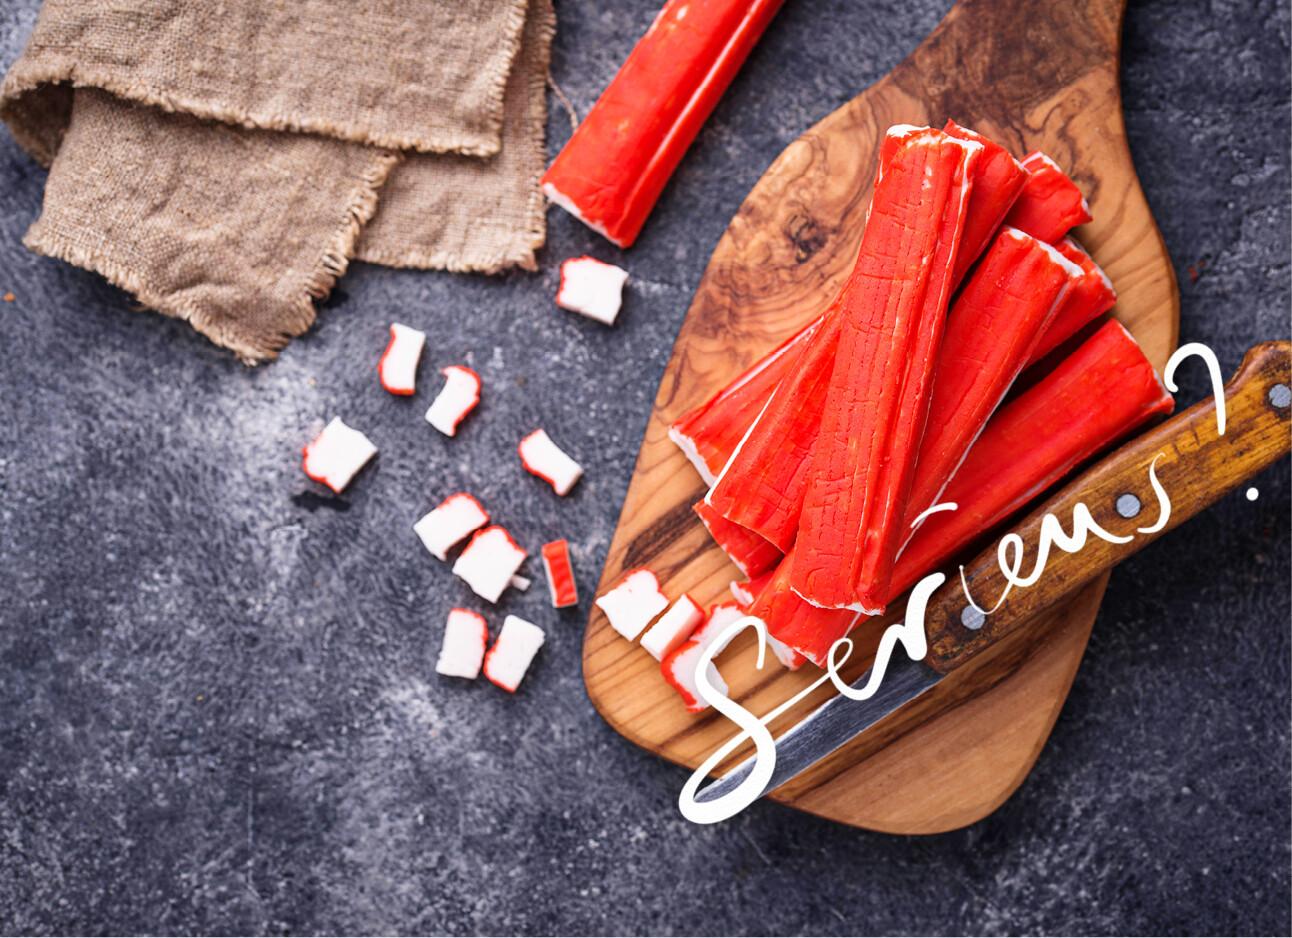 surimi-krab-sticks-expert-eerlijk-favorflav